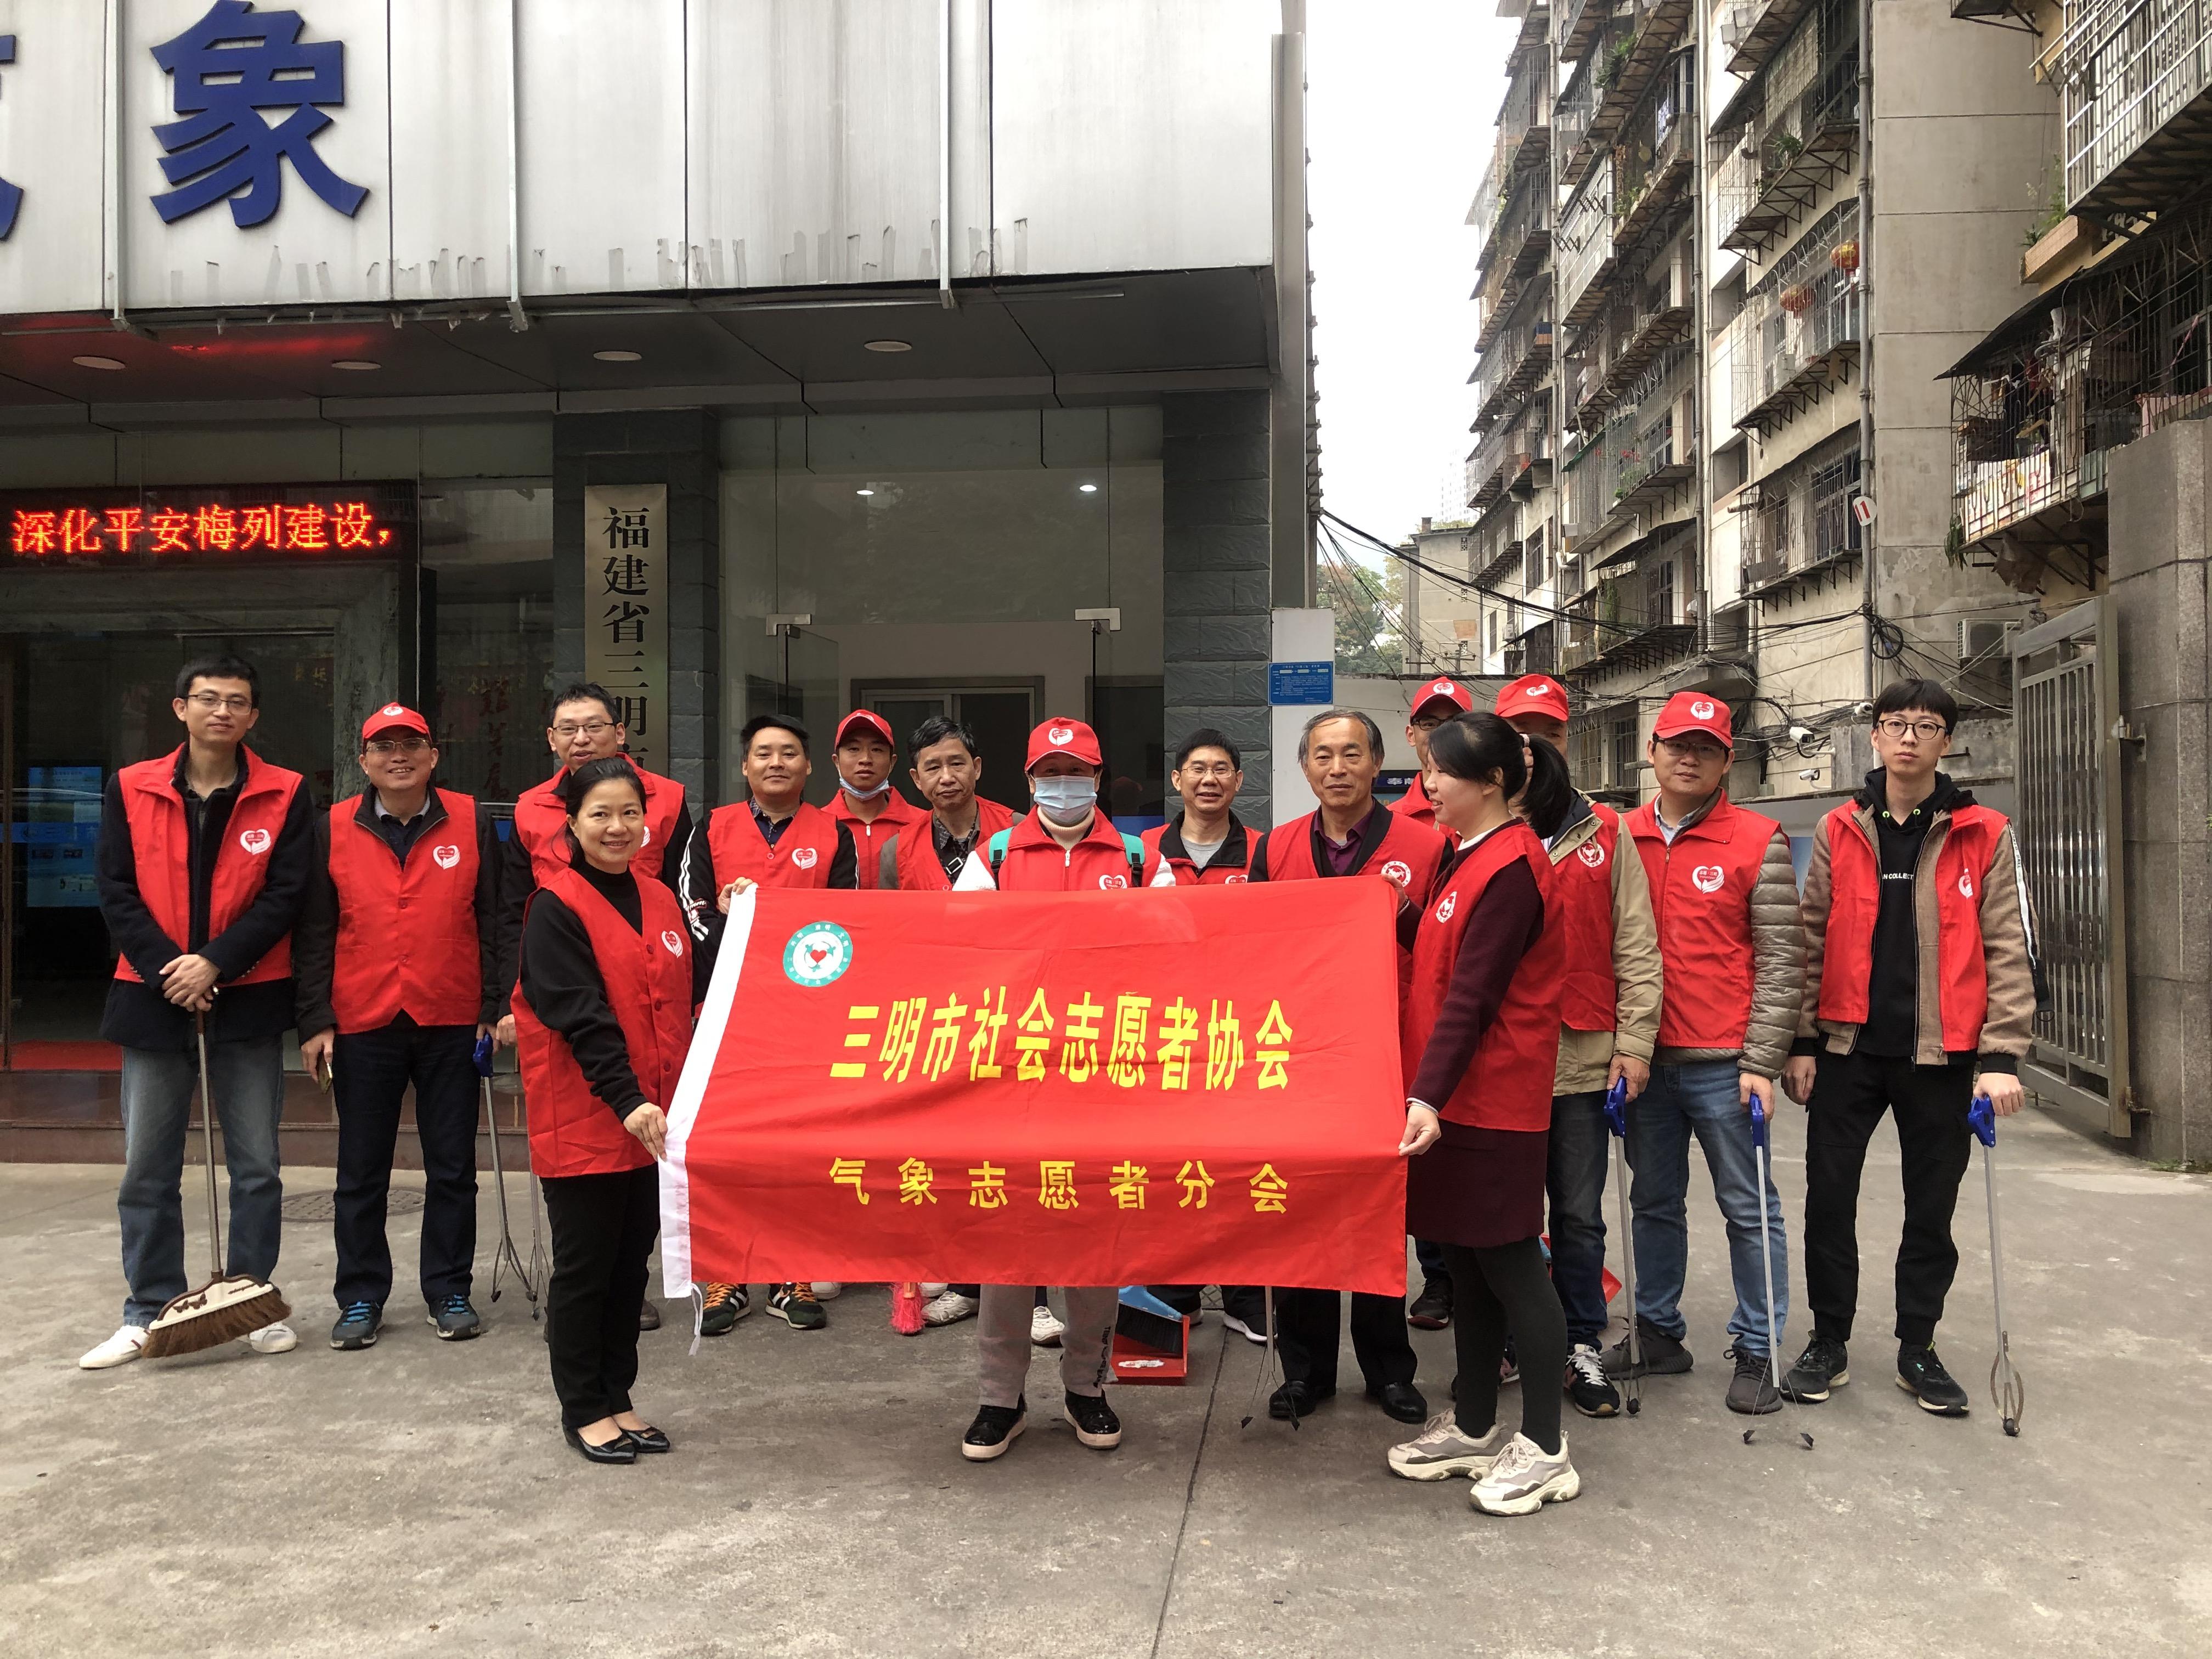 三明:开展爱护环境一起行动志愿服务活动